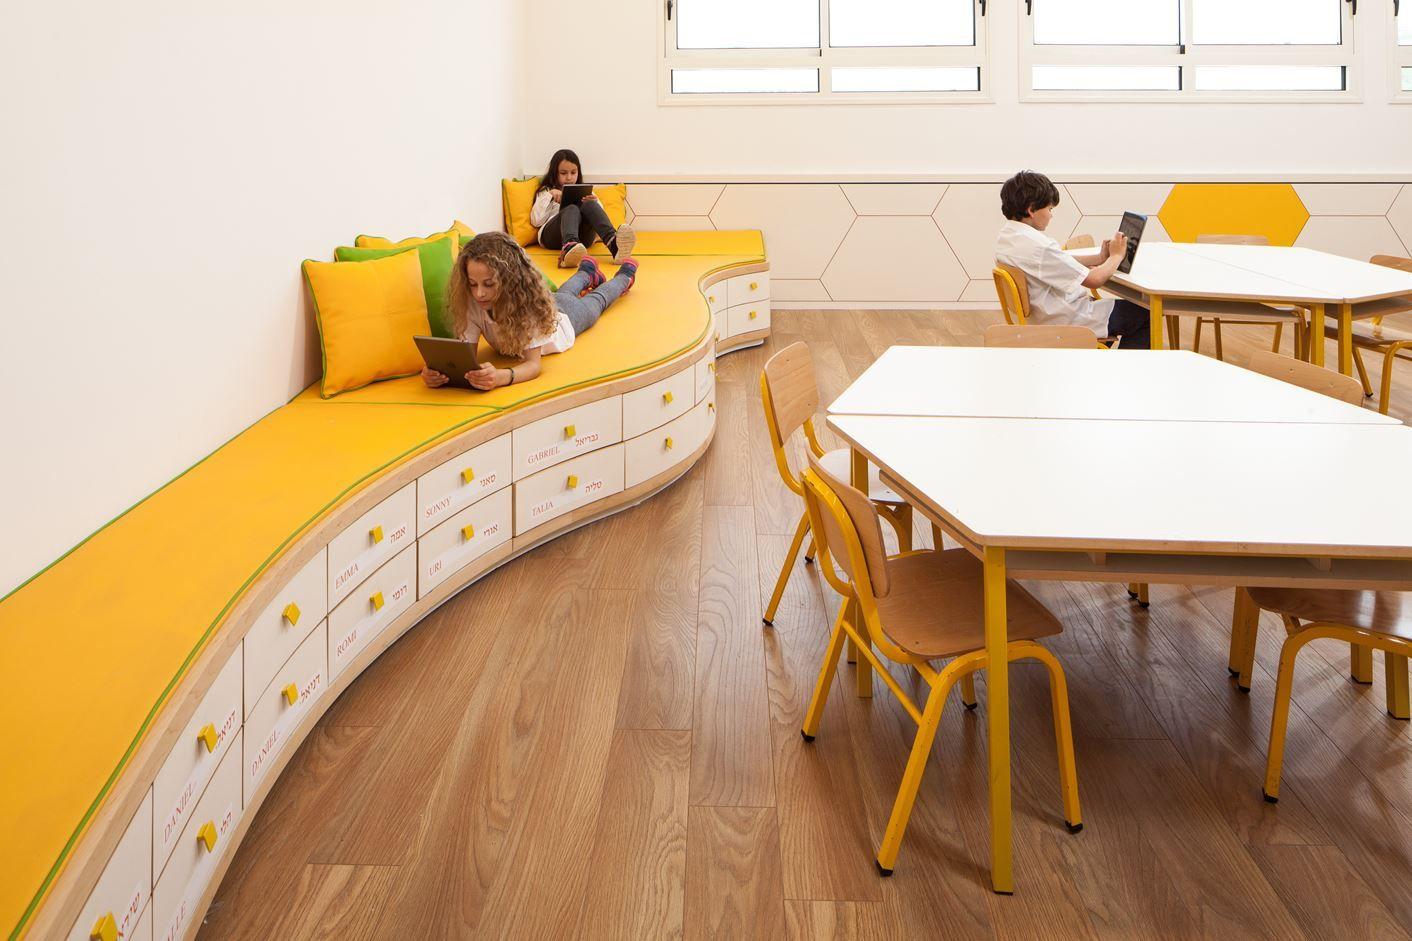 Flexibilidad para trabajar dentro del sal n de clases proyecto kinder en 2019 pinterest - Mobiliario infantil valencia ...